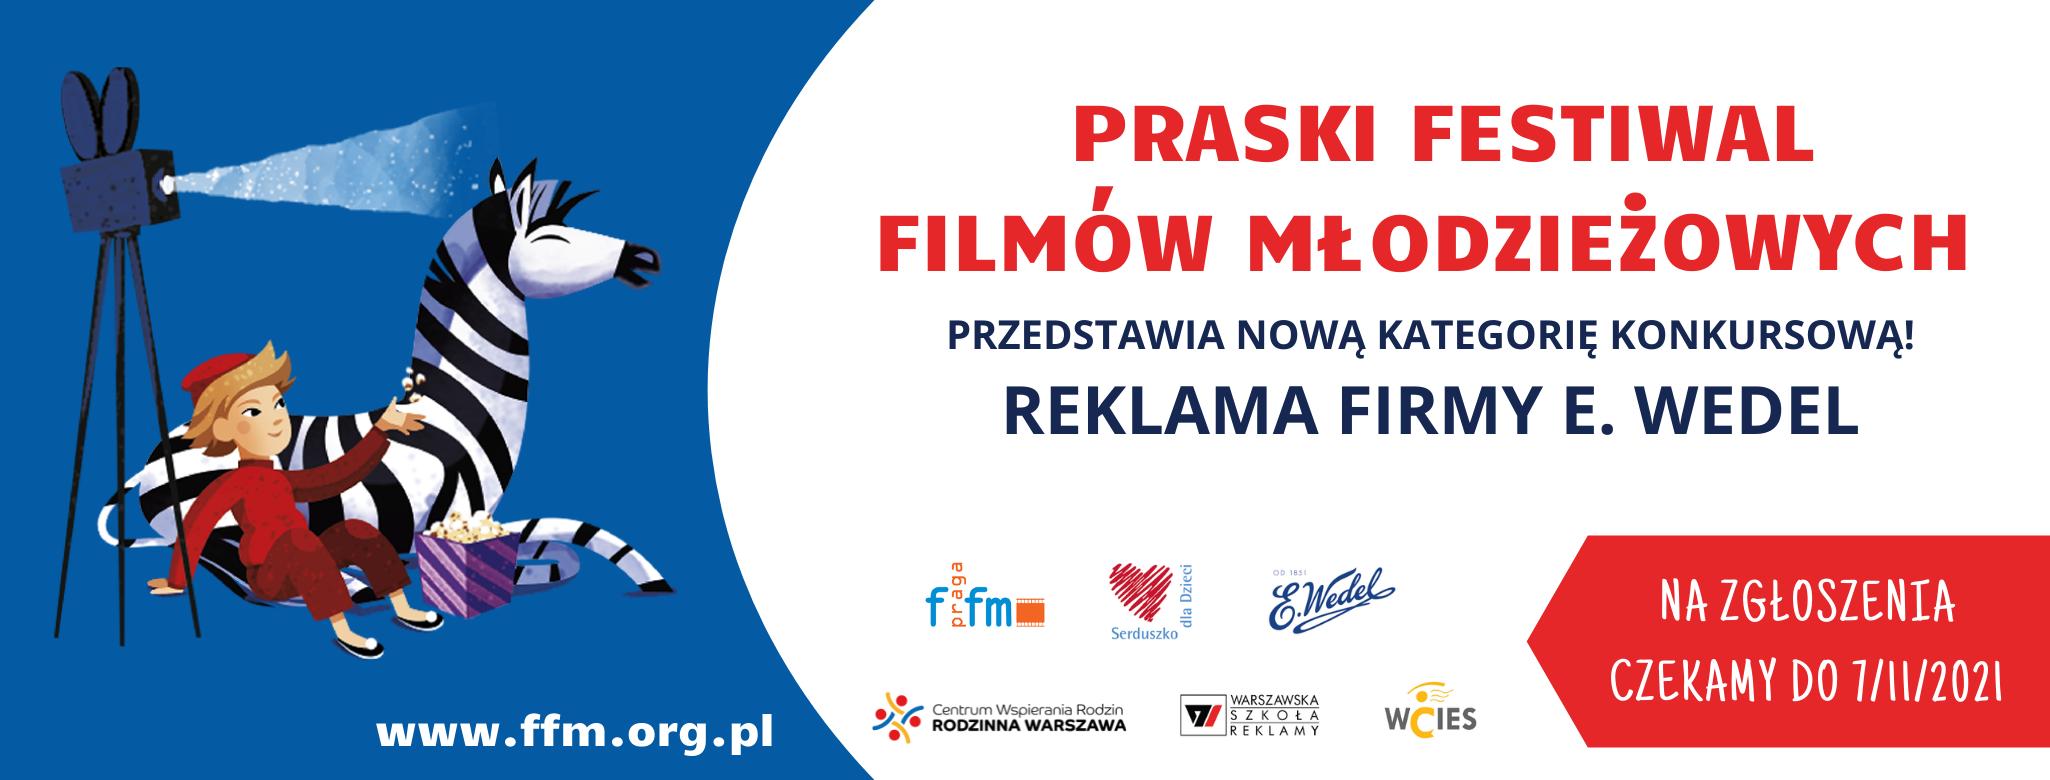 Praski Festiwal Filmów Młodzieżowych – konkurs znagrodami